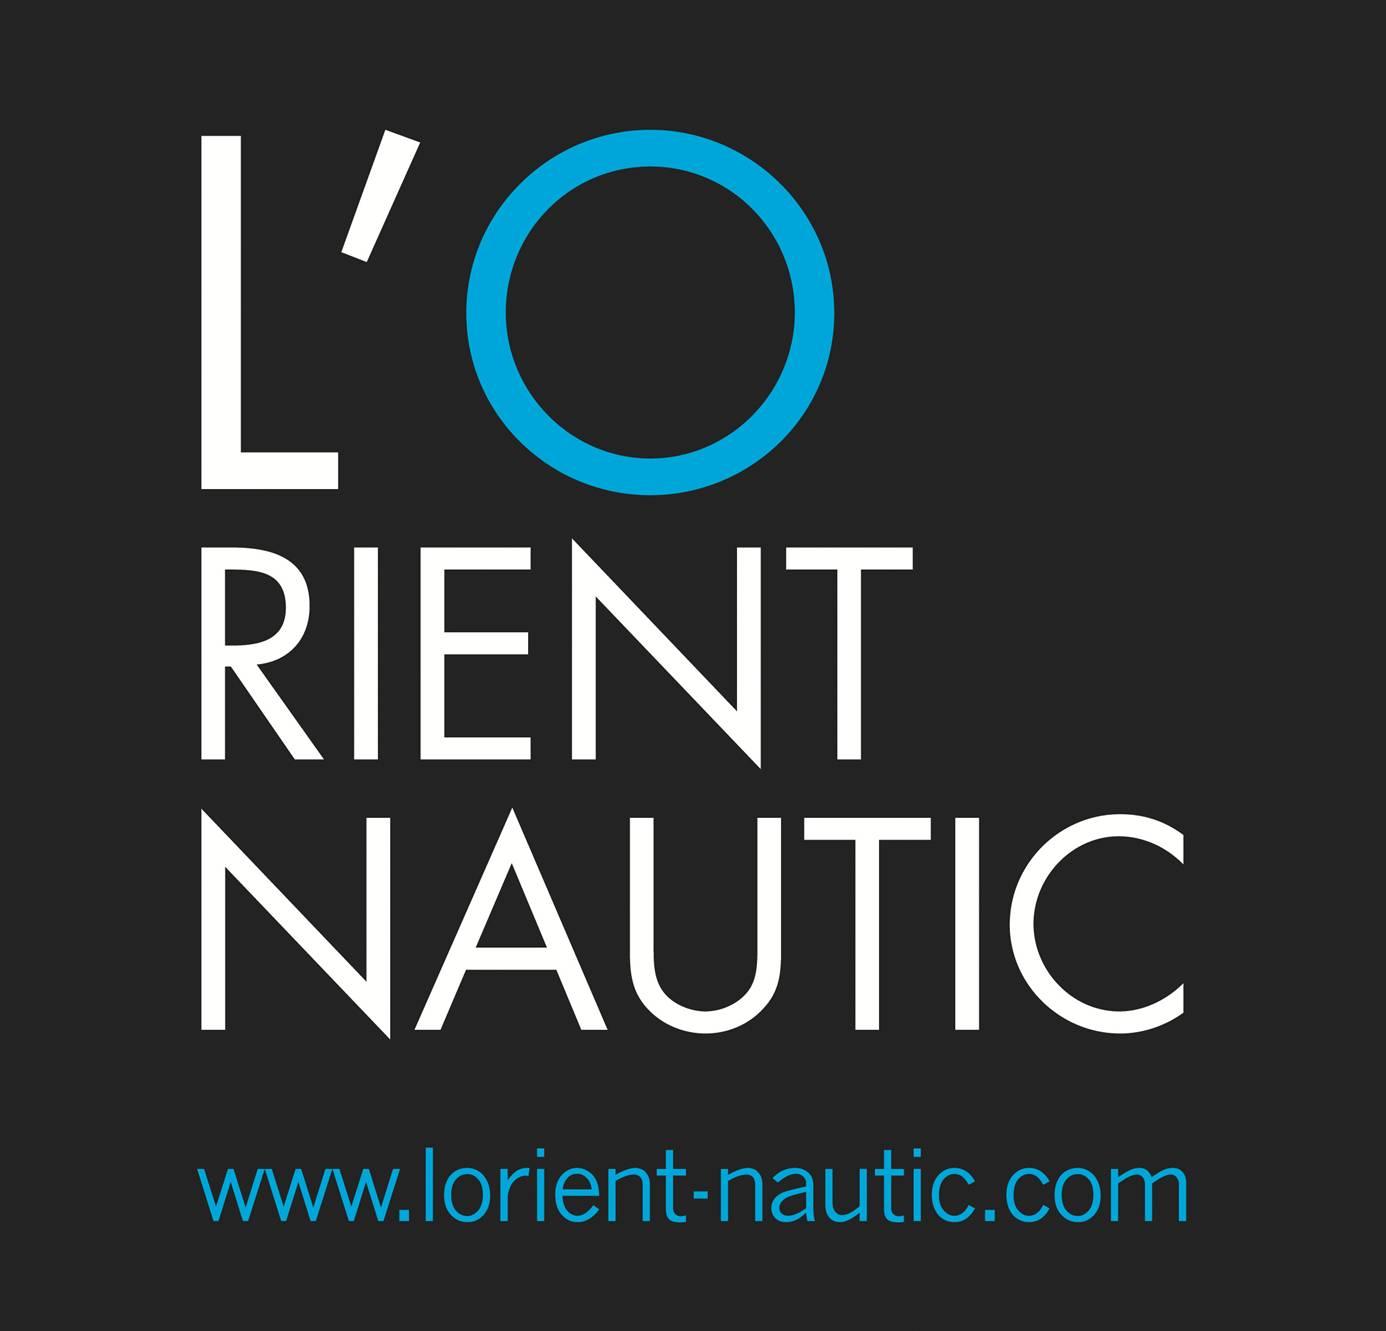 L 39 orient nautic atout nautisme for Salon nautisme